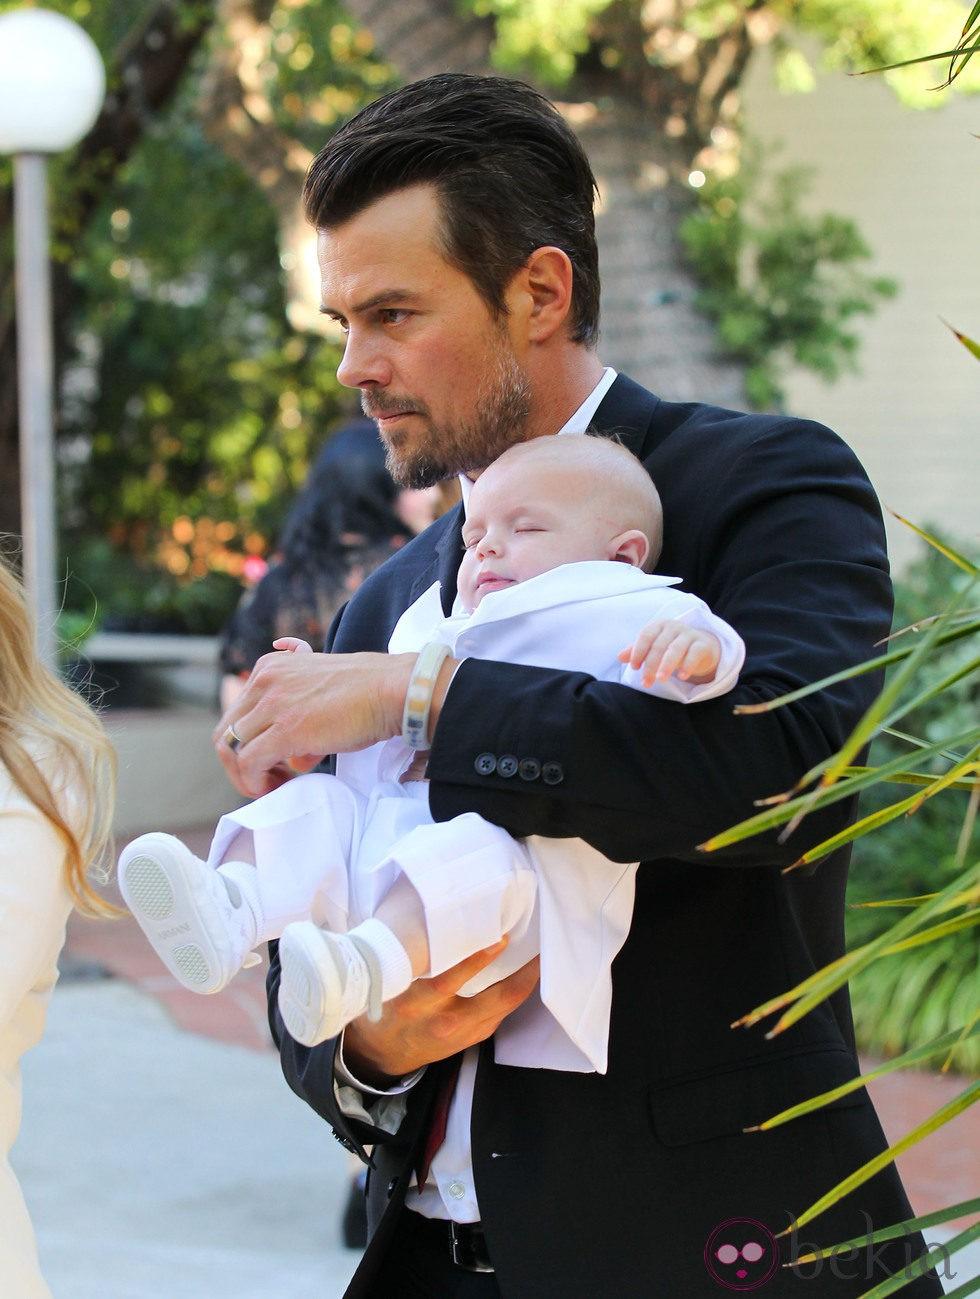 Josh Duhamel con su hijo Axl Jack en brazos en su bautizo